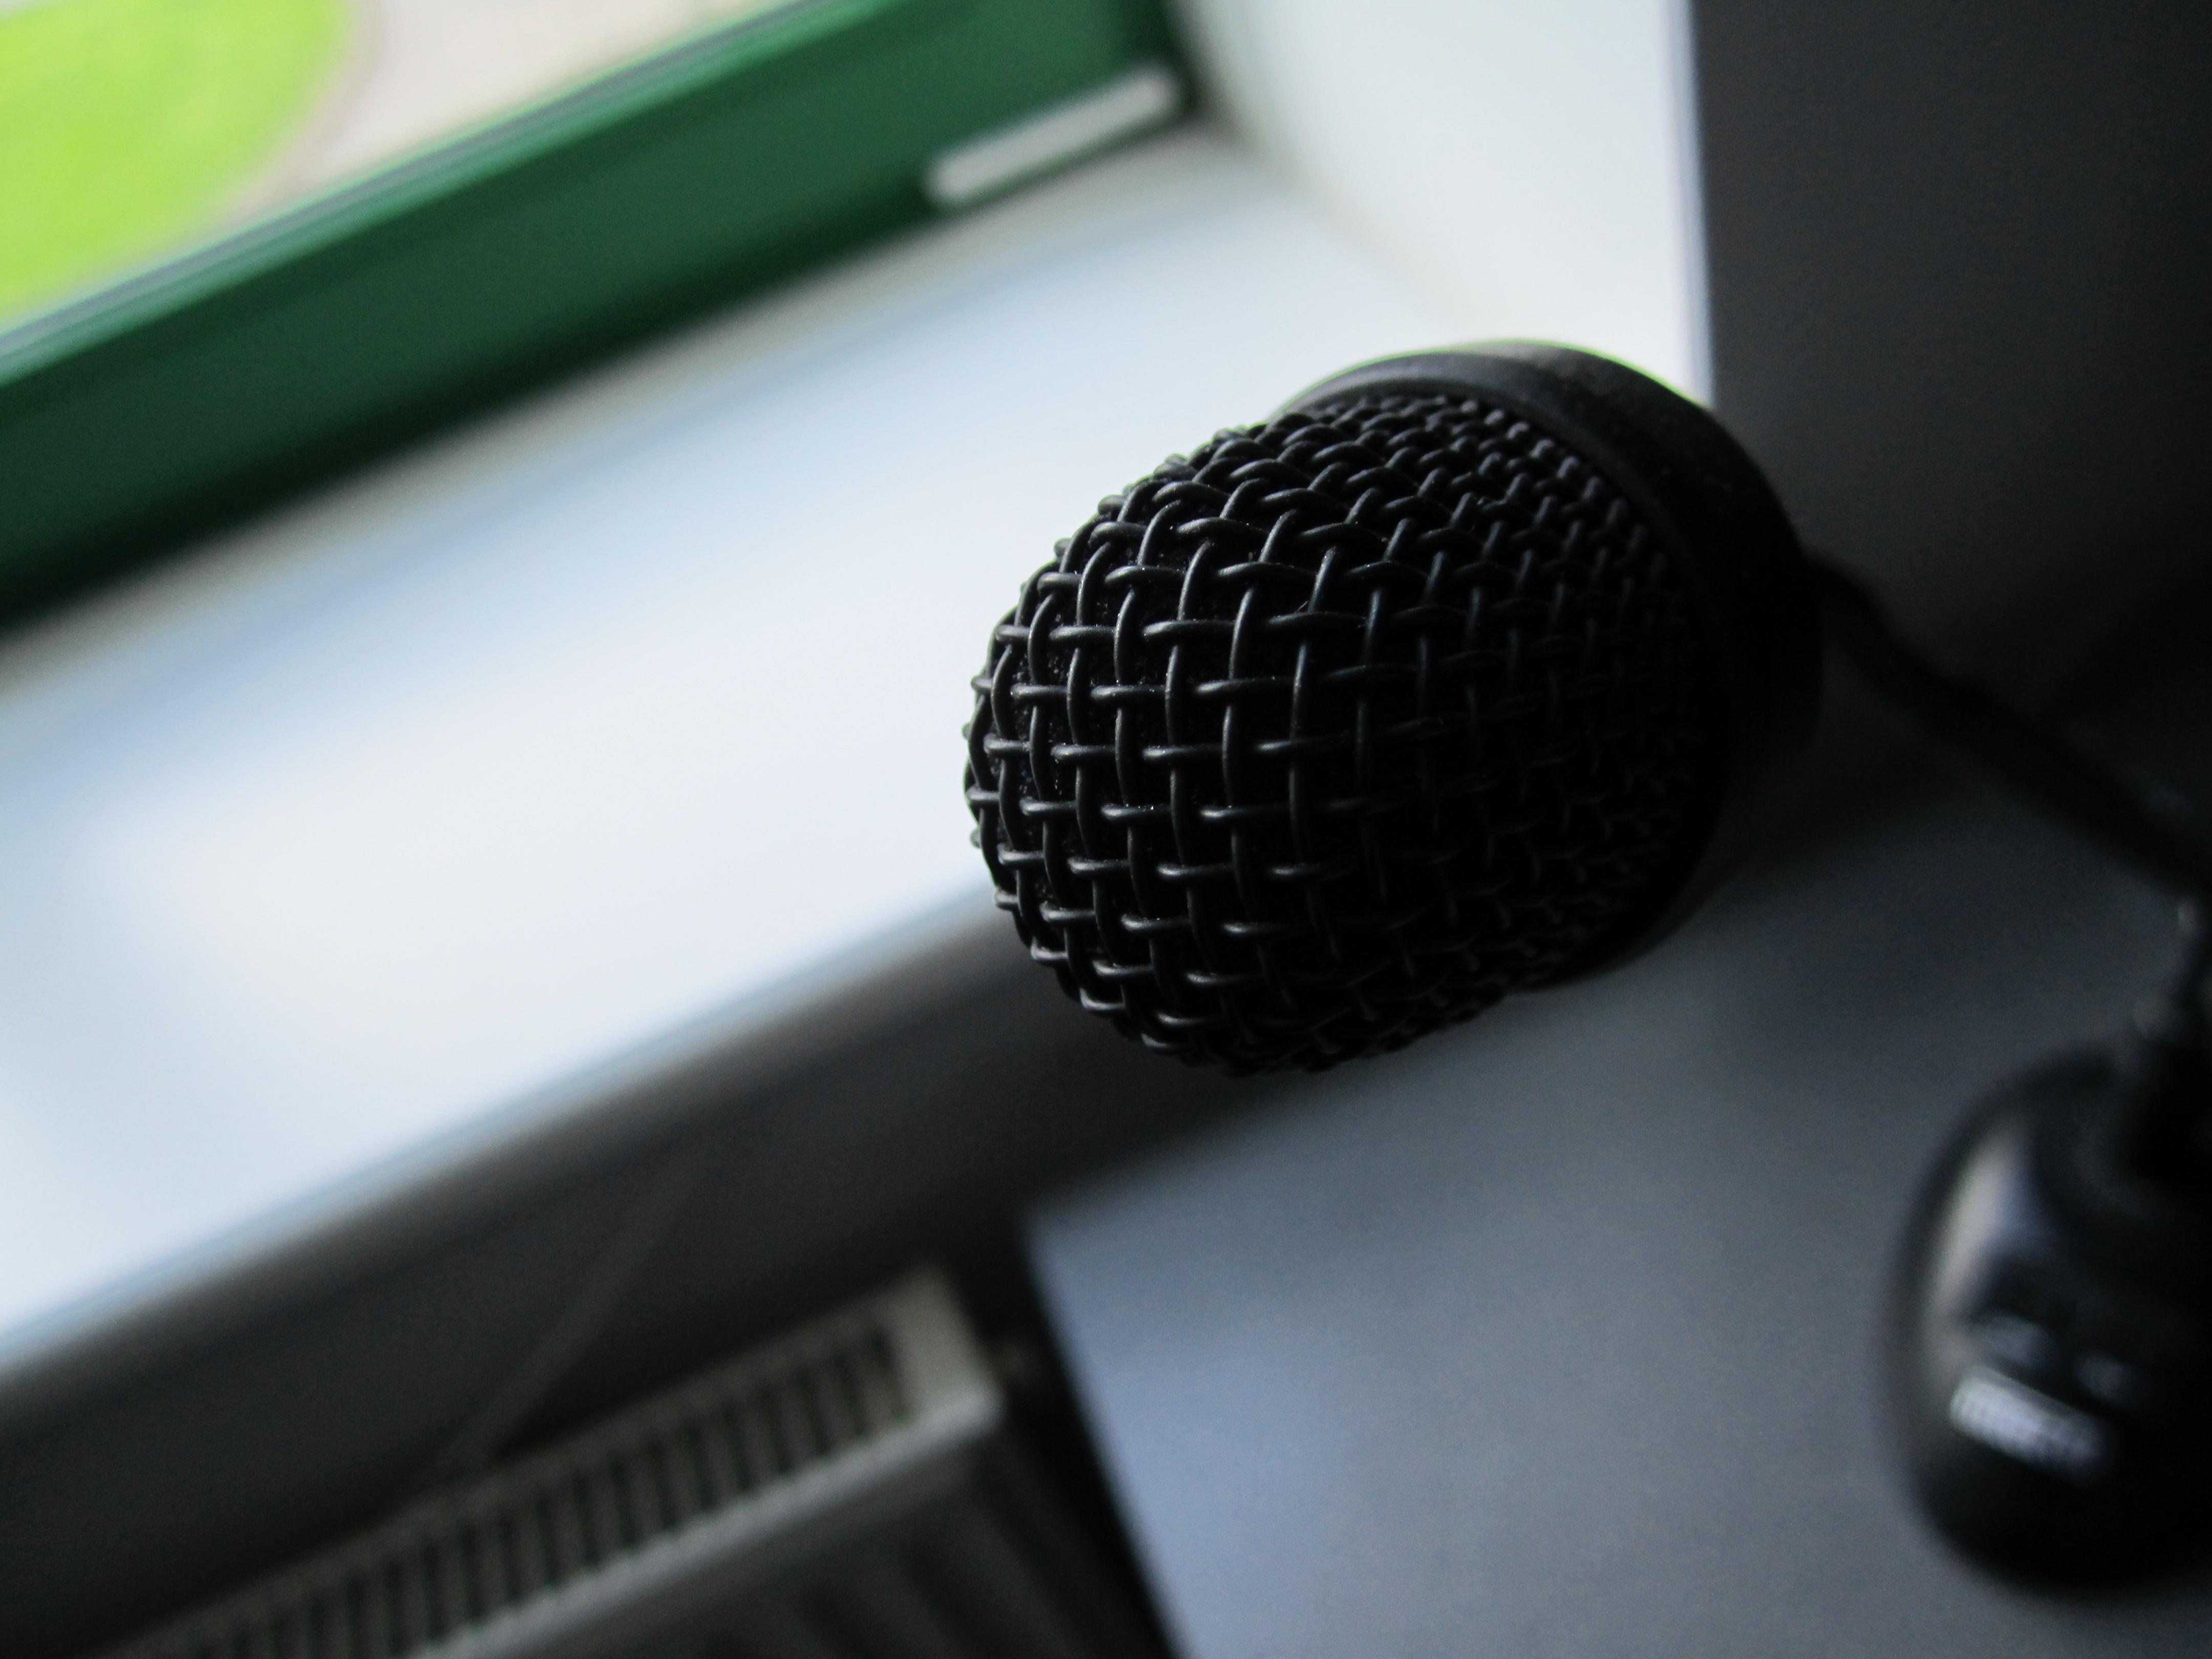 e94b12dc6d0 Lähemaid võtteid tehes õnnestub ka taust uduseks saada. // Fookuskaugus: 28  mm / Ava: f/2.8 / Säriaeg: 1/30 / ISO: 160 / Välk: EI